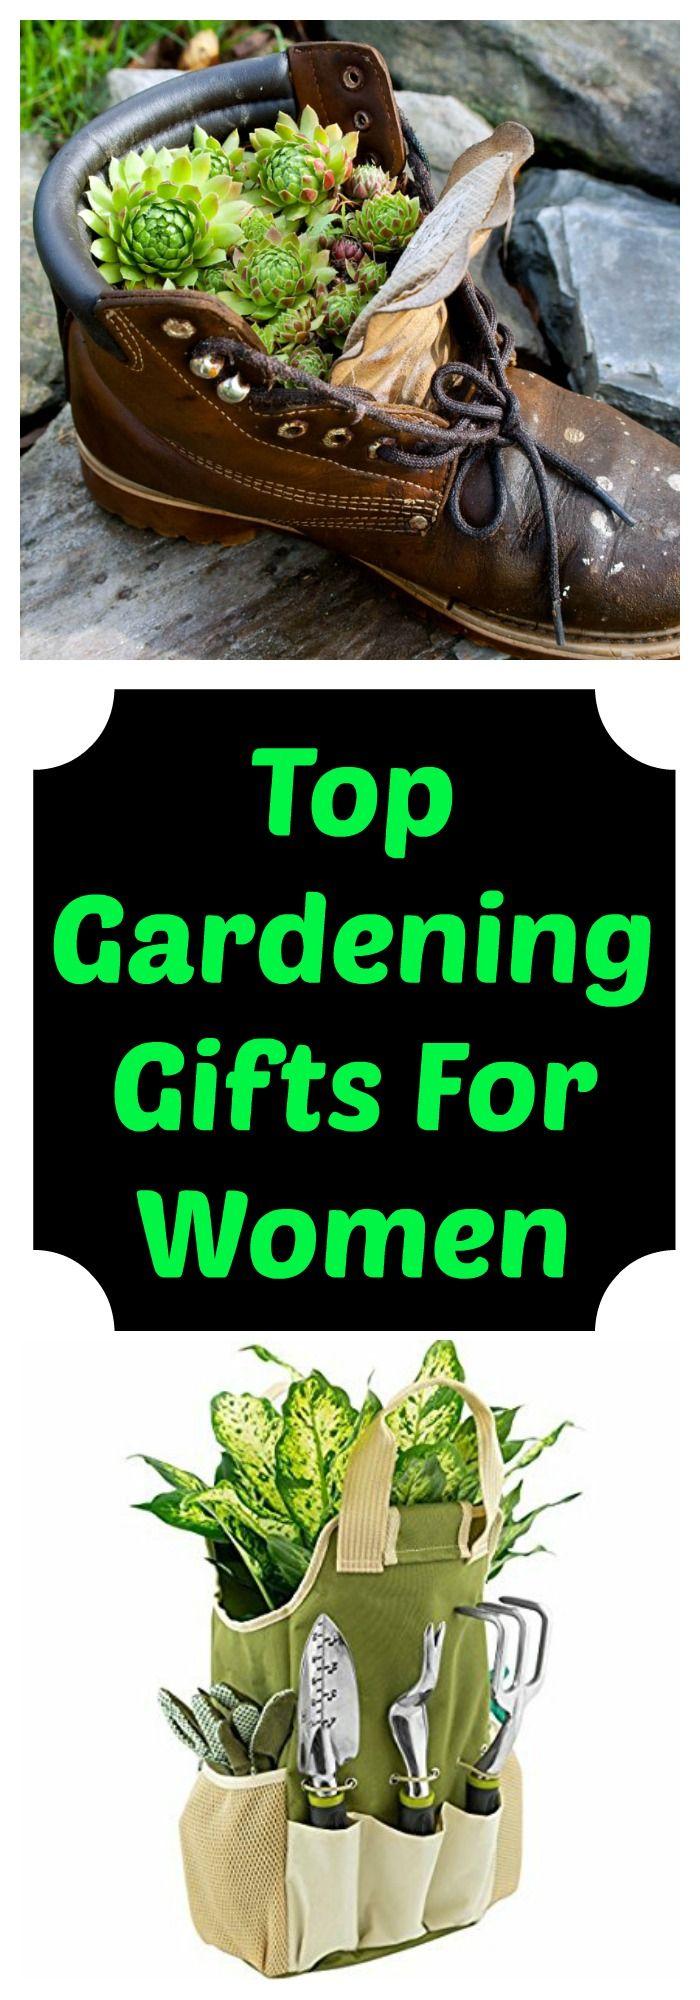 Gardening gift ideas for women